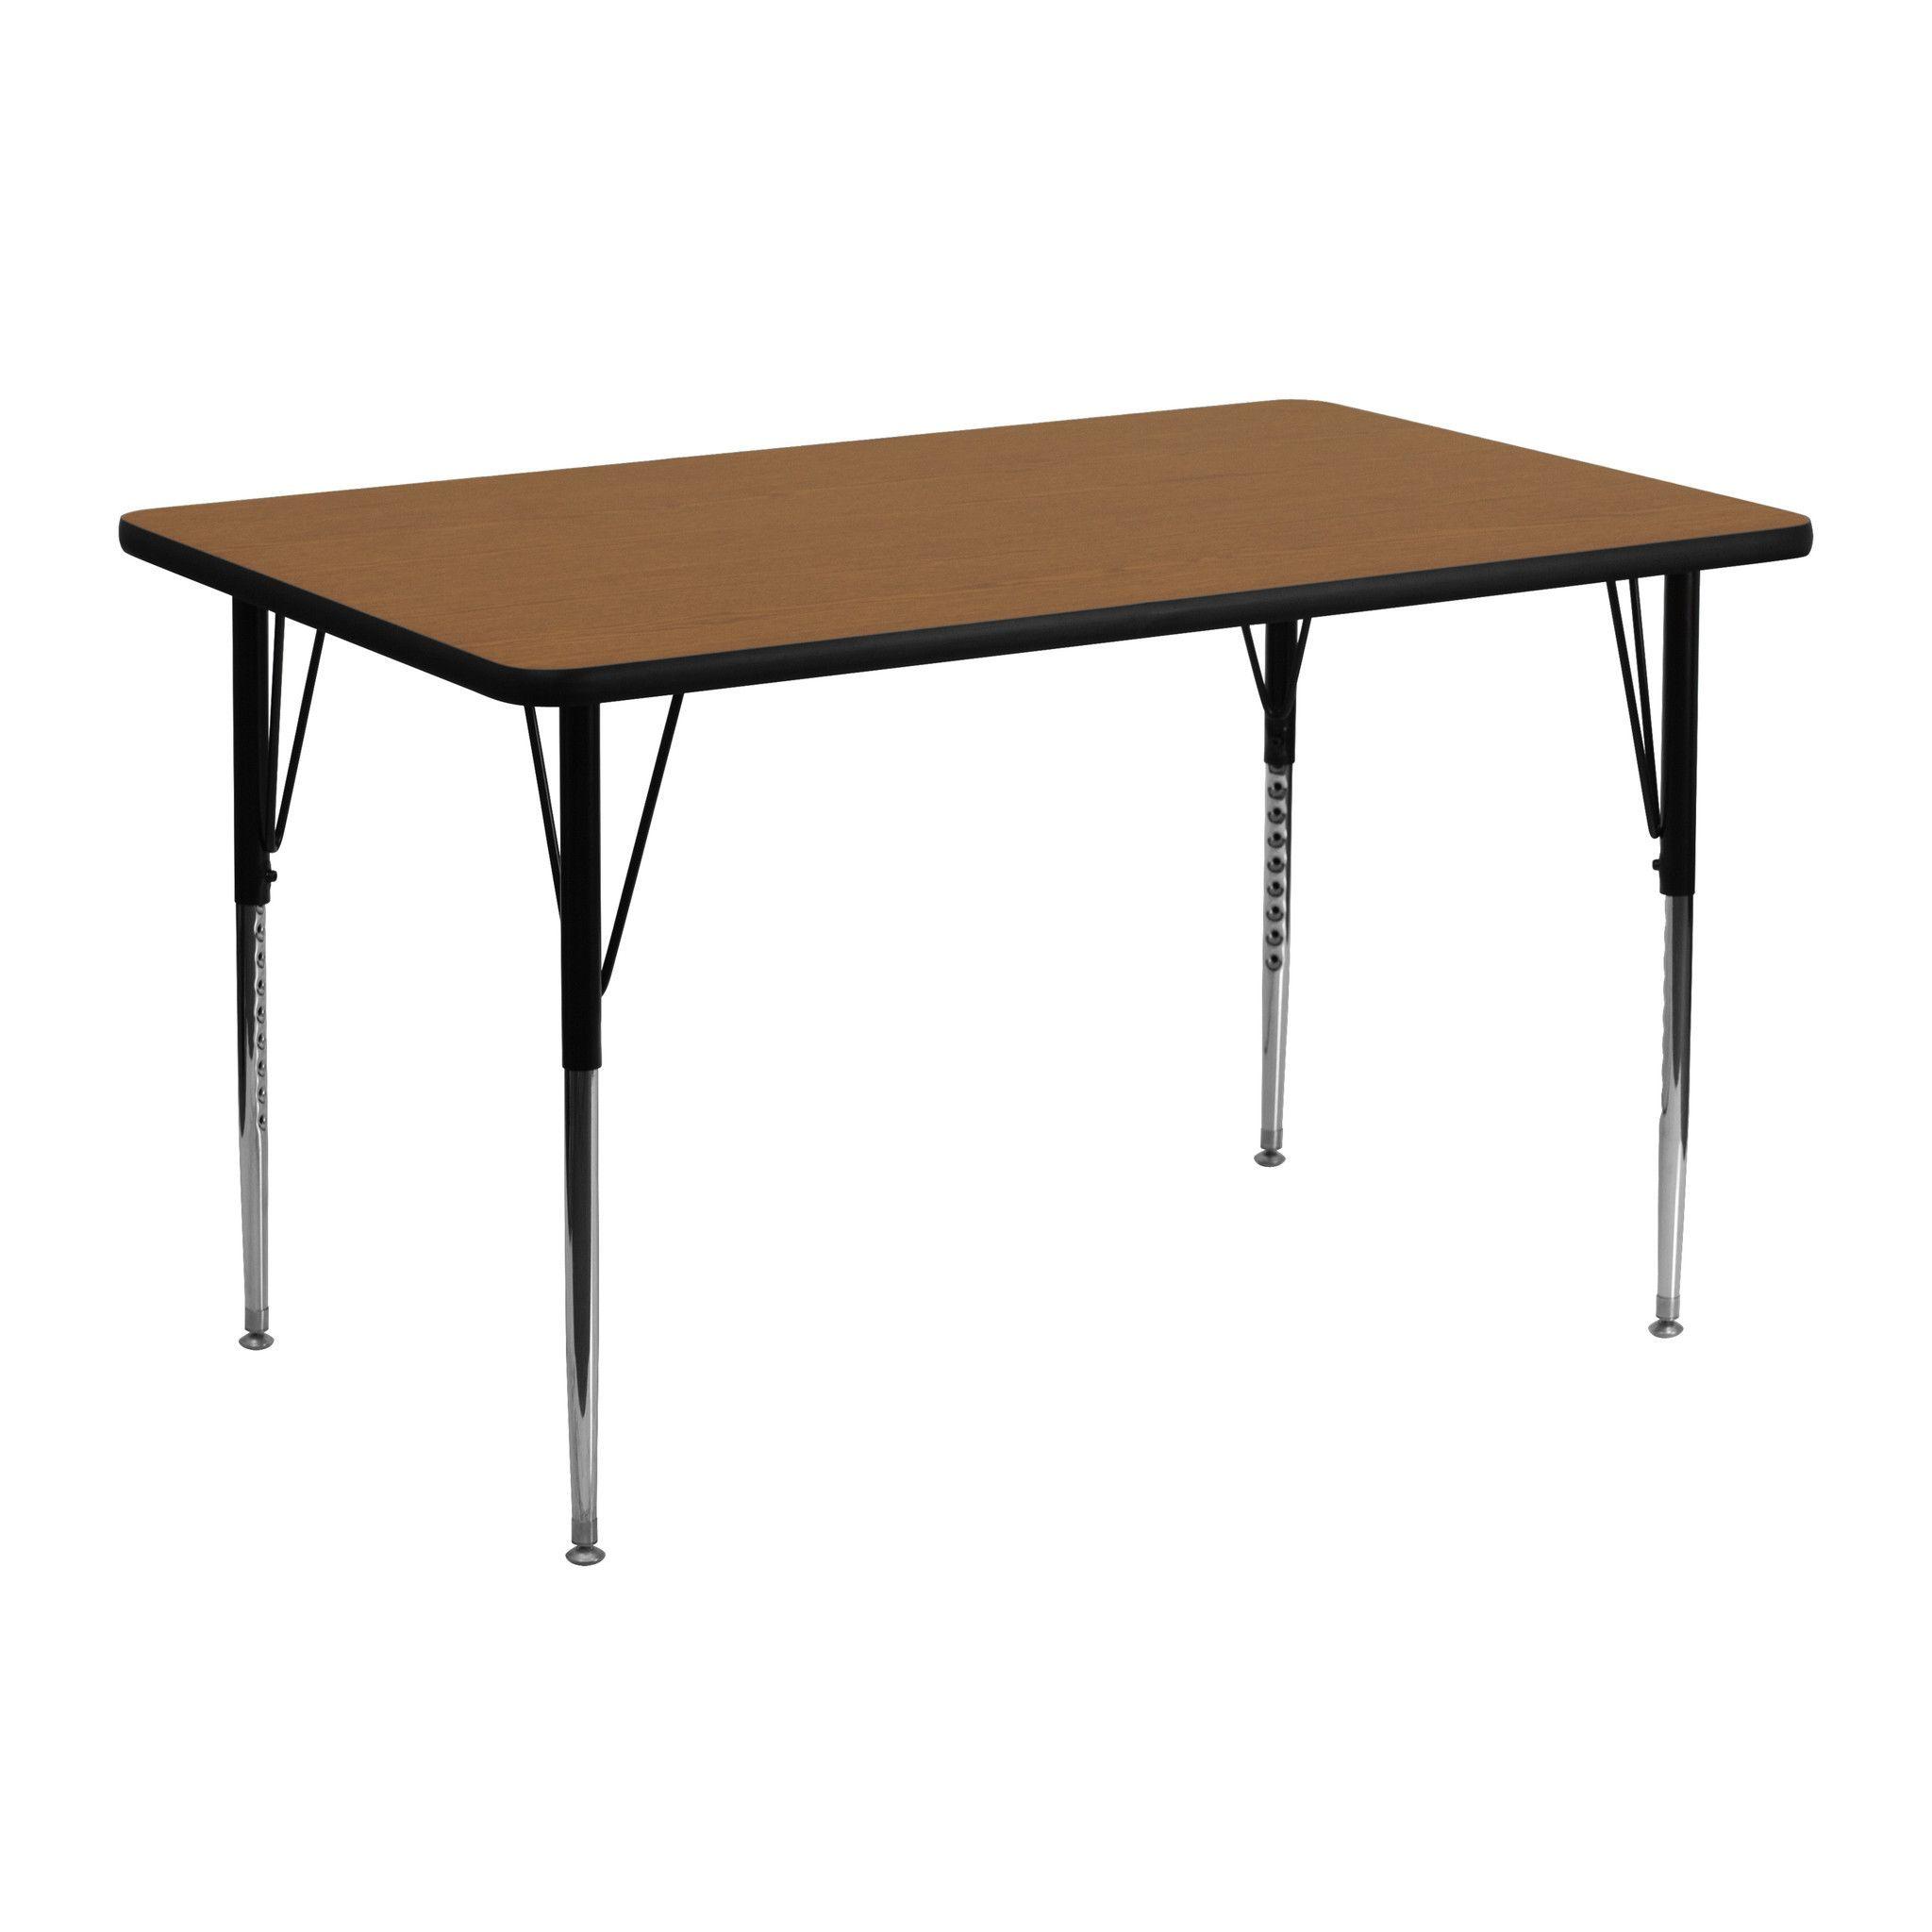 24 x 48 activity table XU-A2448-REC-OAK-T-A-GG